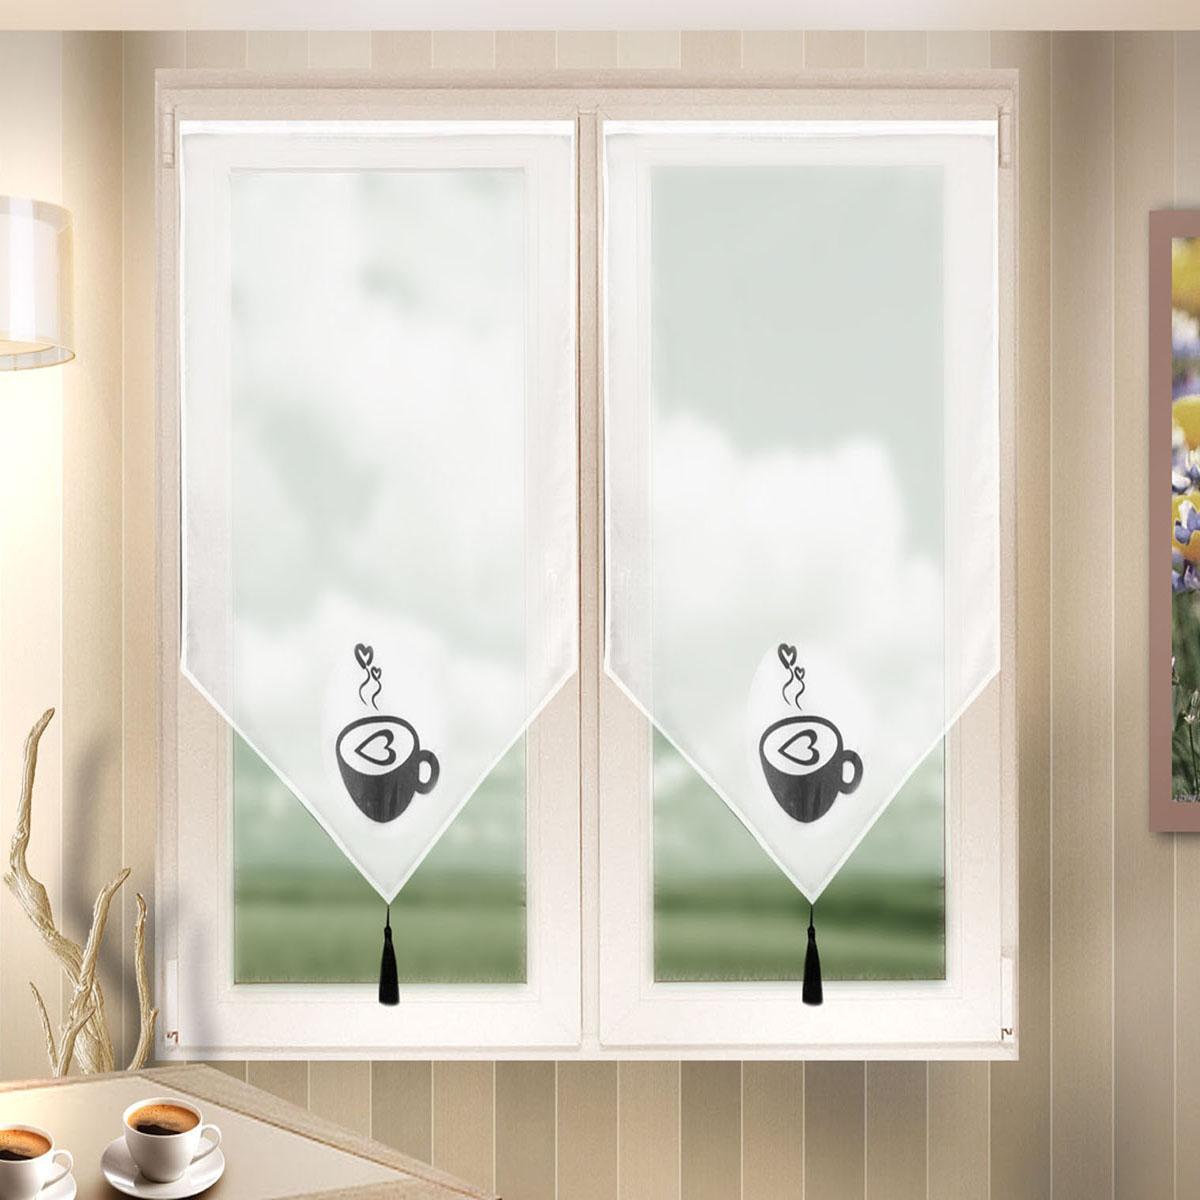 Гардина Zlata Korunka, на липкой ленте, цвет: белый, высота 90 см. 666024/2666024/2Гардина на липкой ленте Zlata Korunka, изготовленная из легкого полиэстера, станет великолепным украшением любого окна. Полотно из белой вуали с печатным рисунком привлечет к себе внимание и органично впишется в интерьер комнаты. Крепление на липкой ленте, не требующее сверления стен и карниза. Многоразовое и мгновенное крепление.